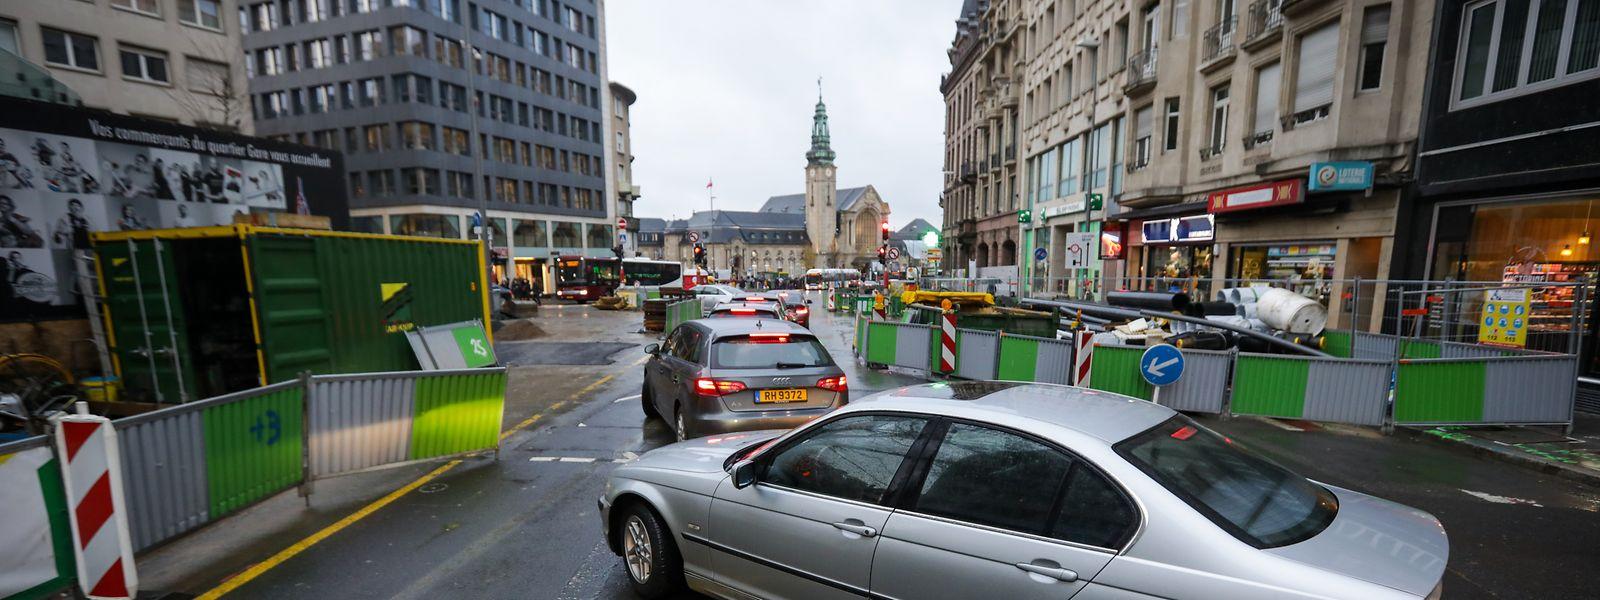 Die Baustellen und die damit verbundene Verkehrssituation werden auch 2020 noch ein Thema in der Hauptstadt sein.